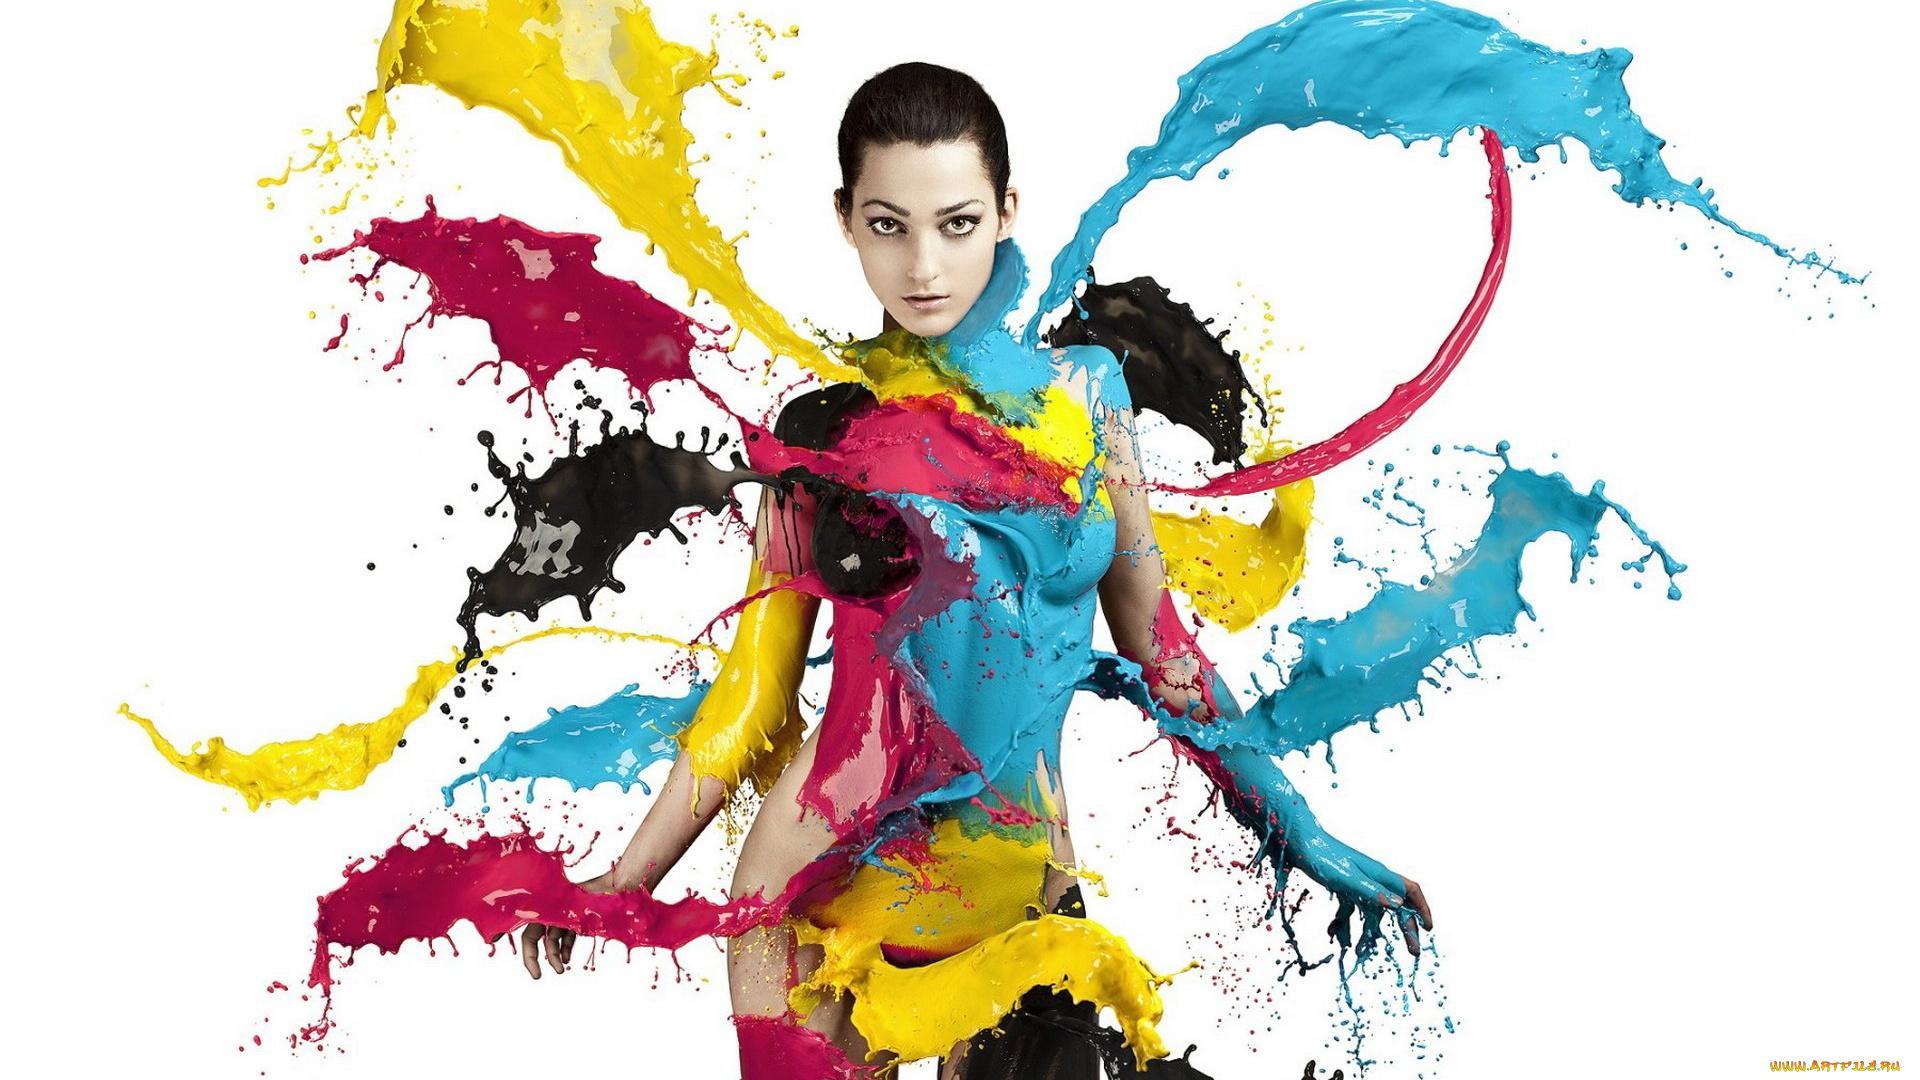 девушка краски креатив кисточка бесплатно